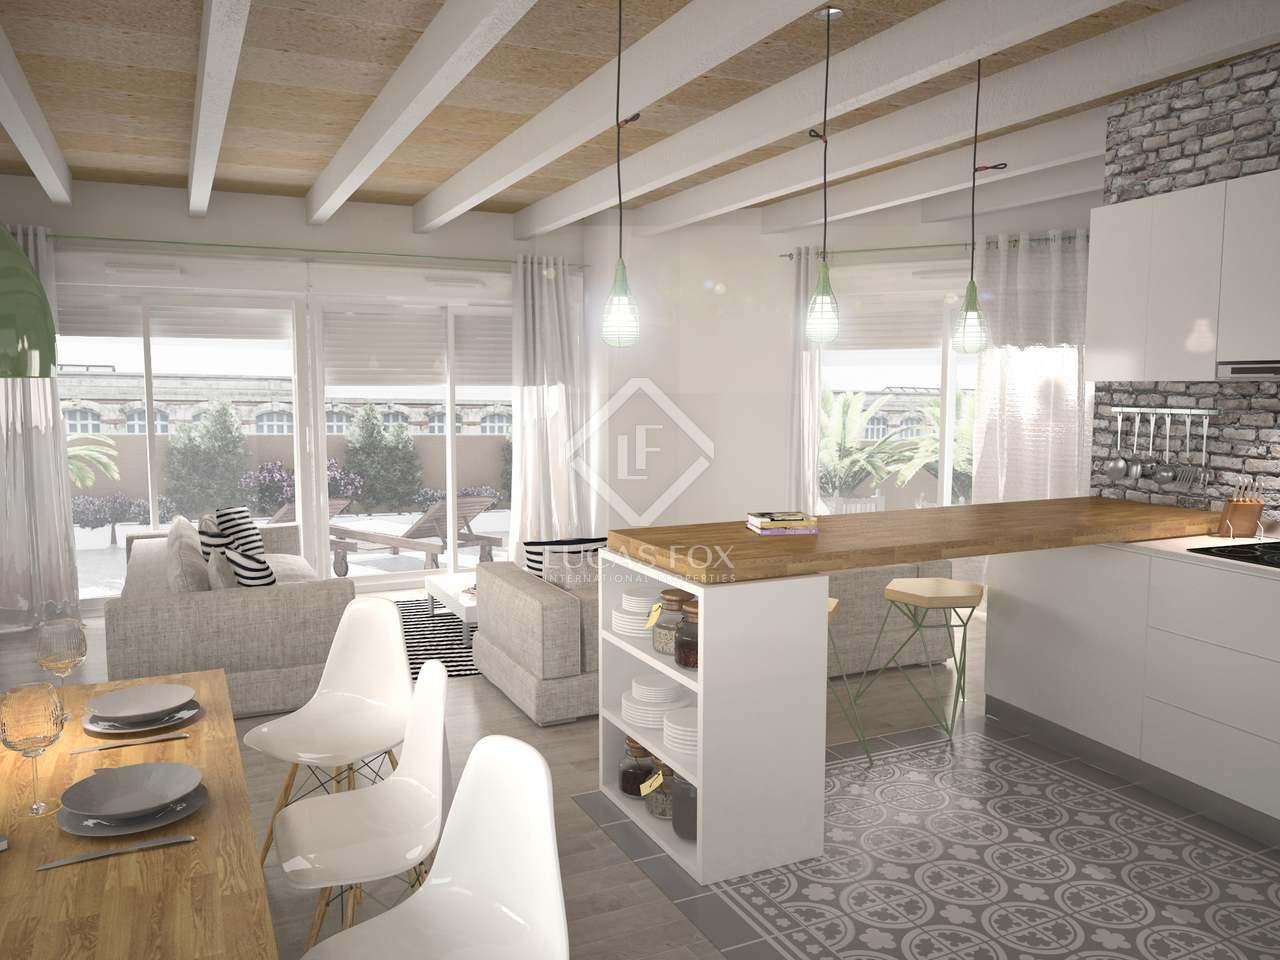 78m wohnung zum verkauf in menorca spanien. Black Bedroom Furniture Sets. Home Design Ideas